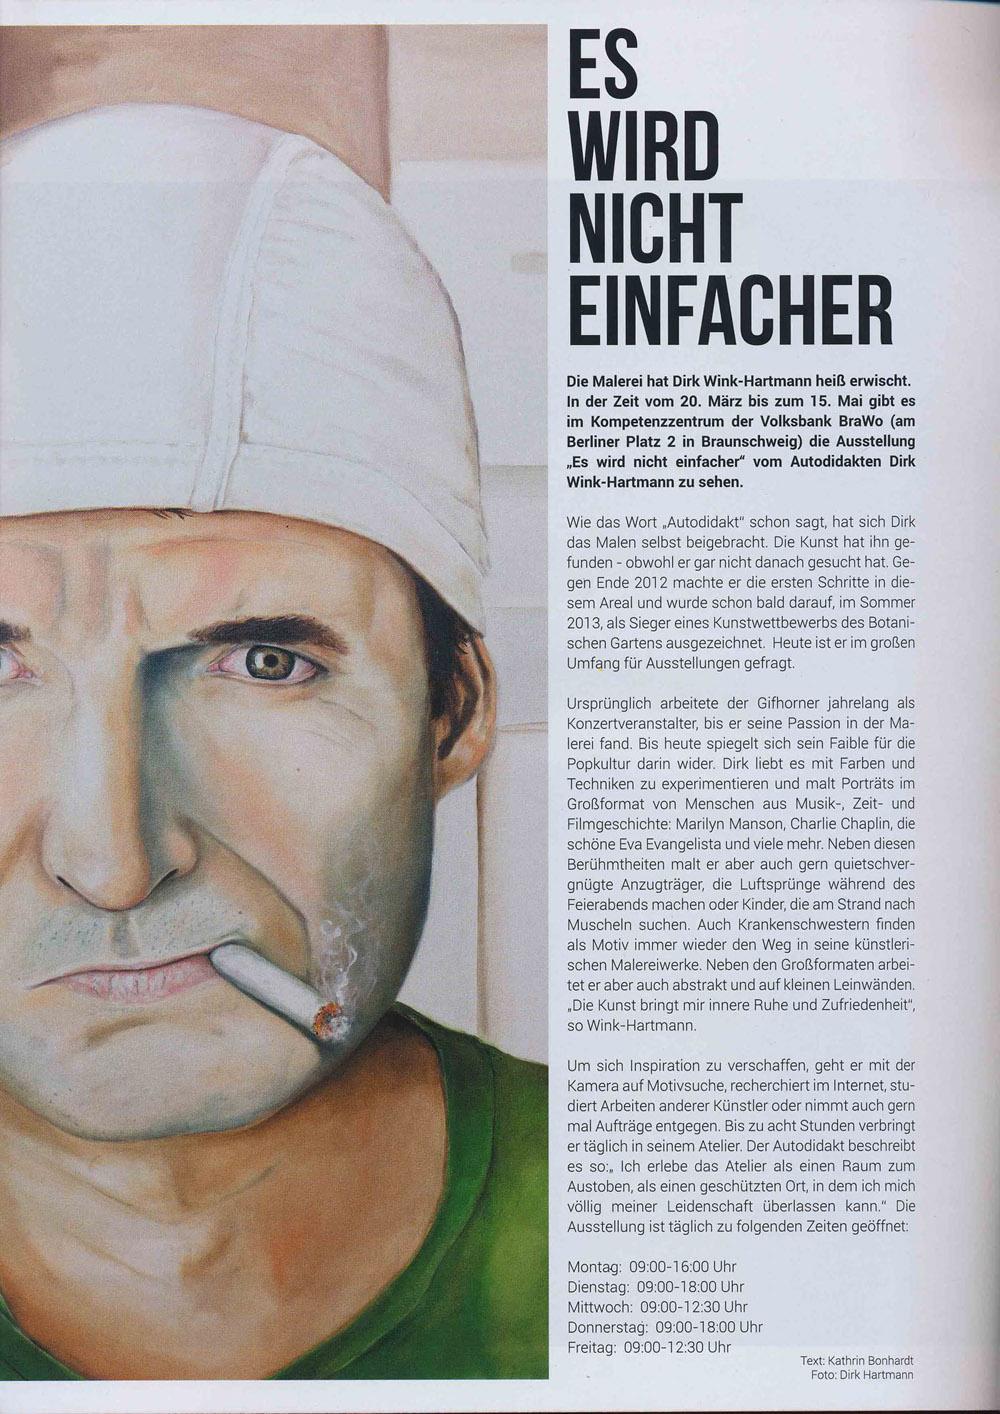 Druff Magazin 4-2014 Dirk Wink-Hartmann 2